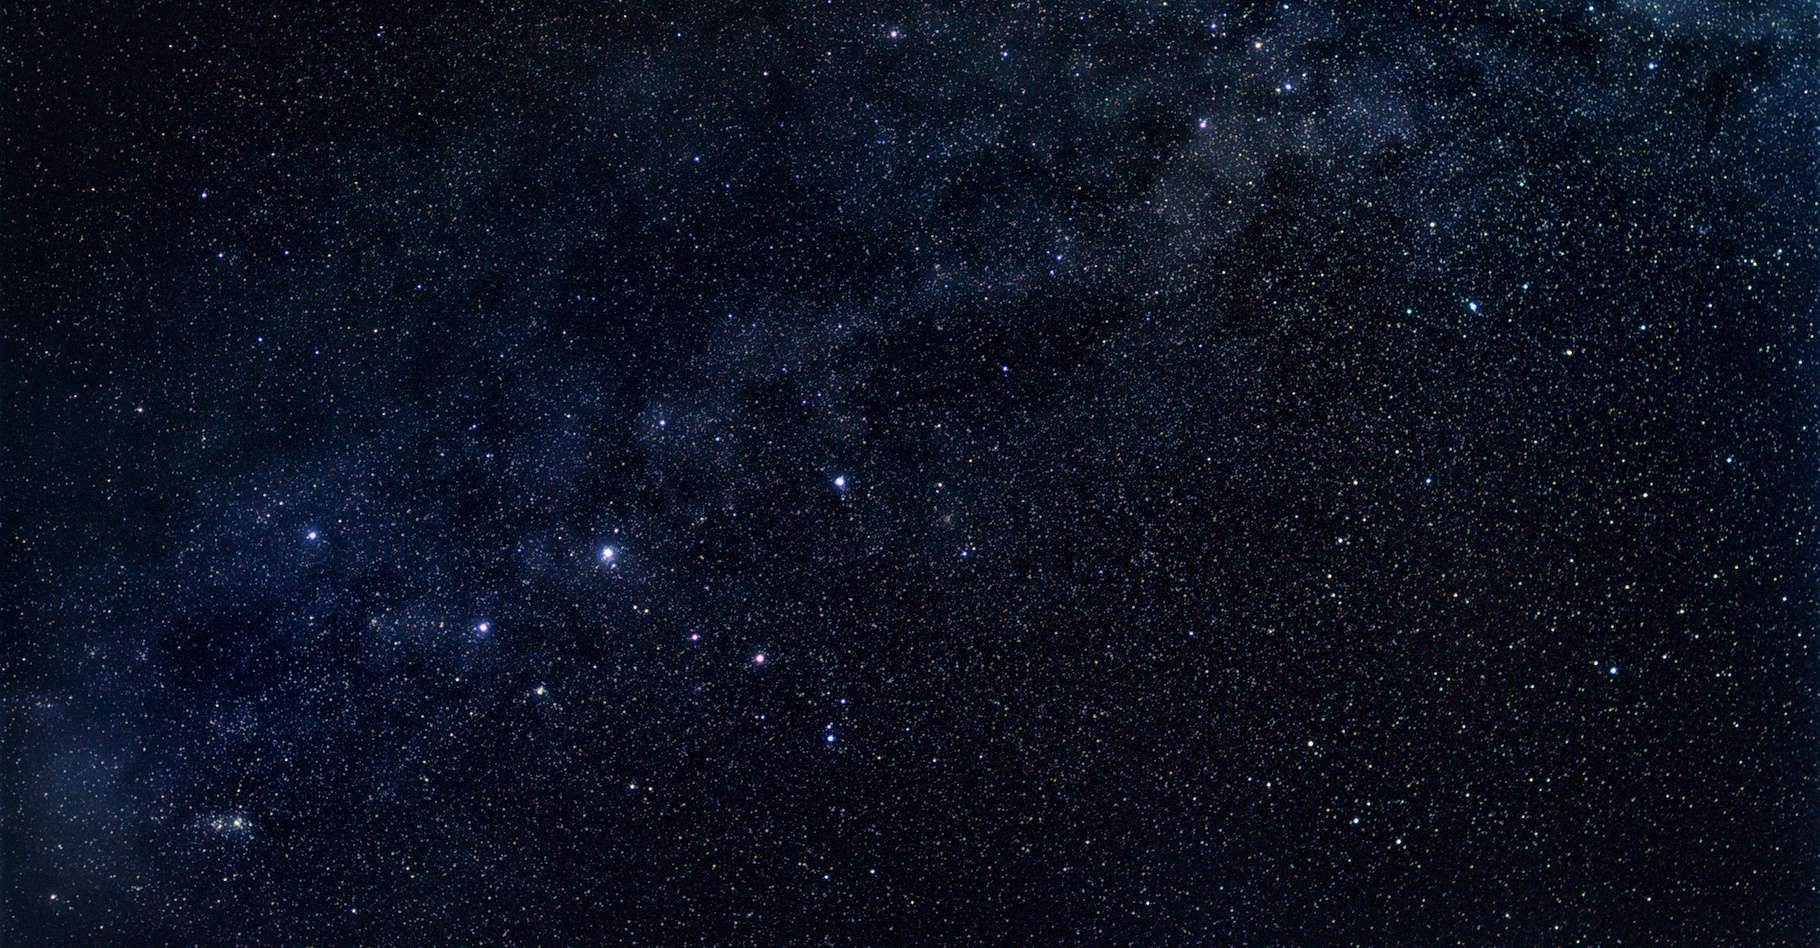 Une nova peut être observée à proximité de l'étoile bêta Cassiopée. © NRoytman Photography, Adobe Stock